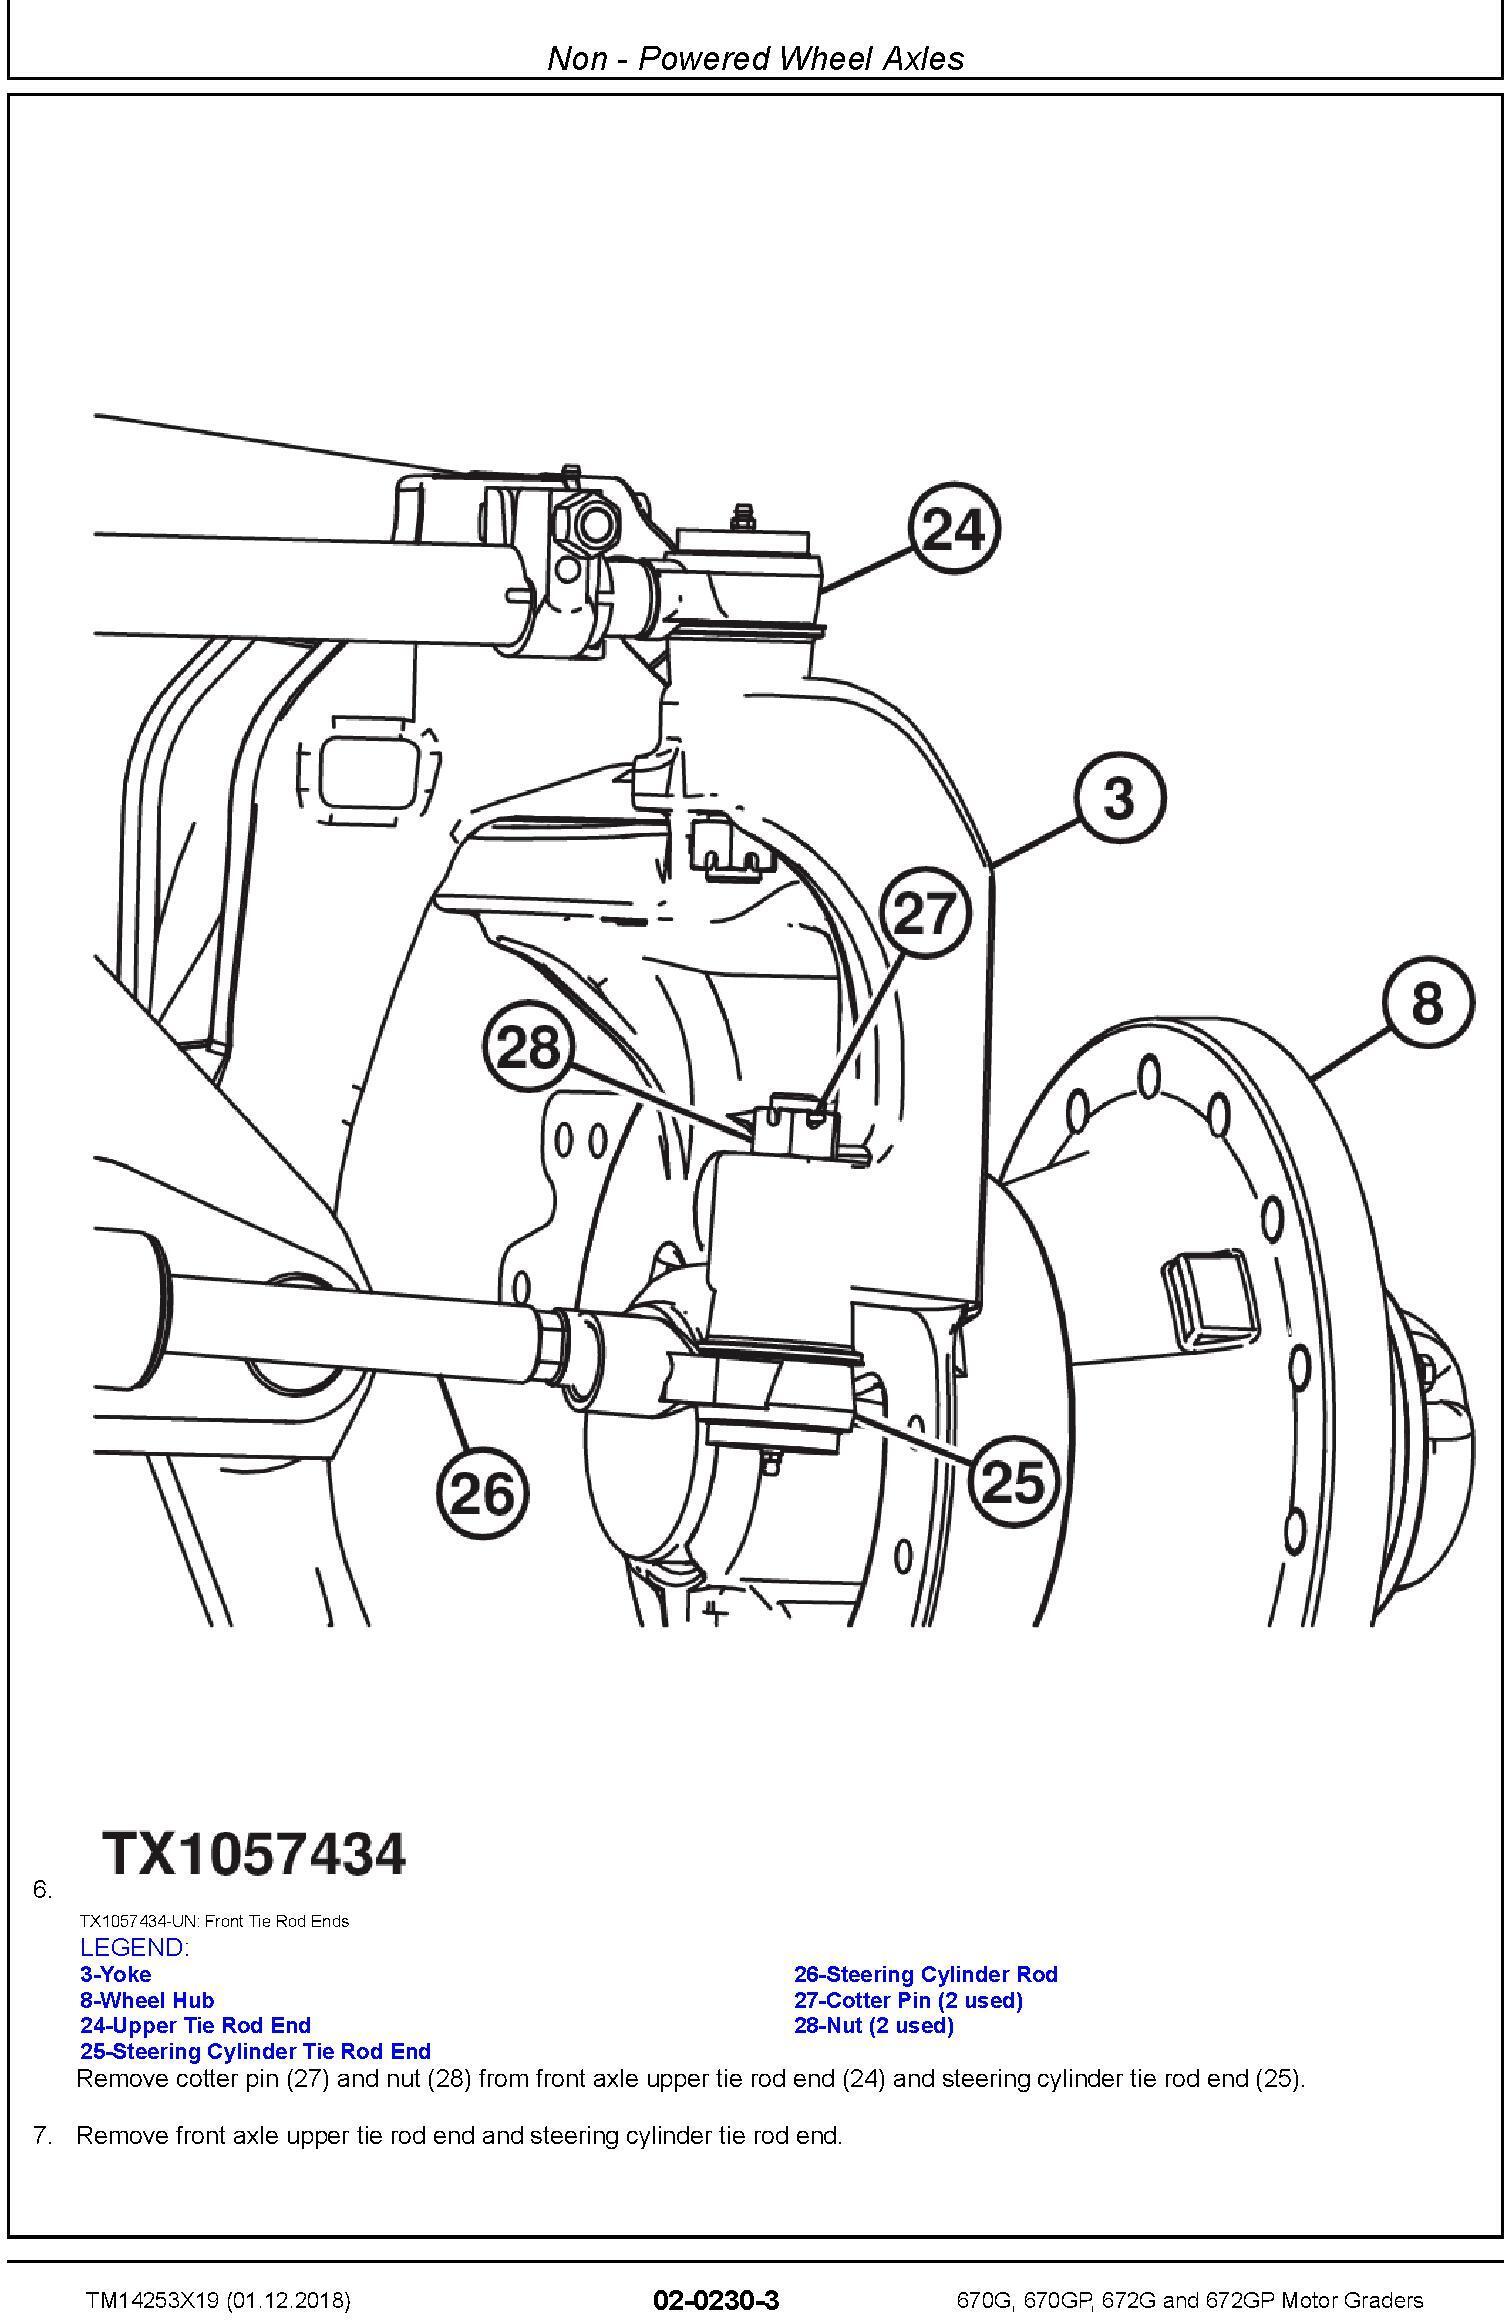 John Deere 670G, 670GP, 672G, 672GP (SN. C680878-,D680878-) Motor Graders Repair Manual (TM14253X19) - 1